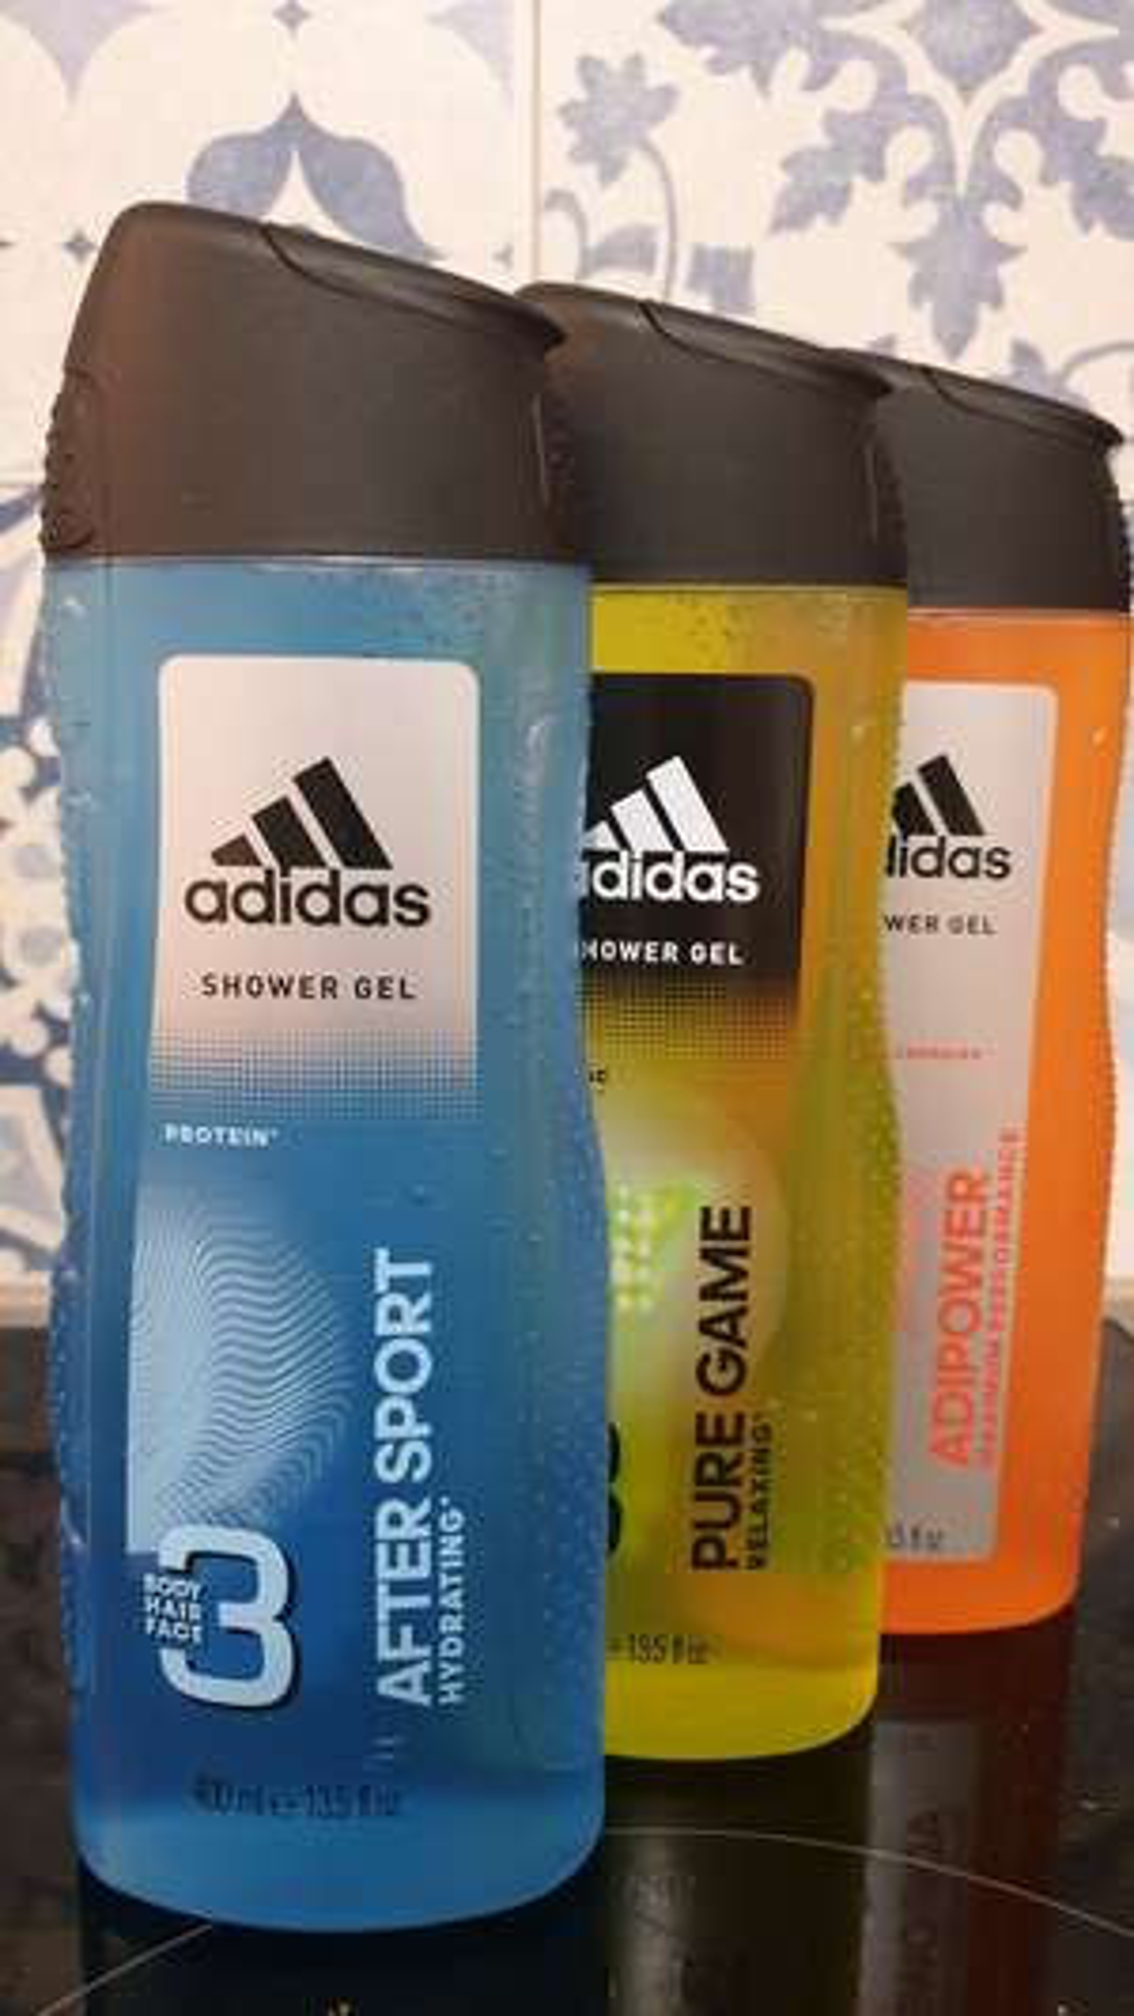 Adidas Żel pod prysznic 400ml - Różne rodzaje - Biedronka